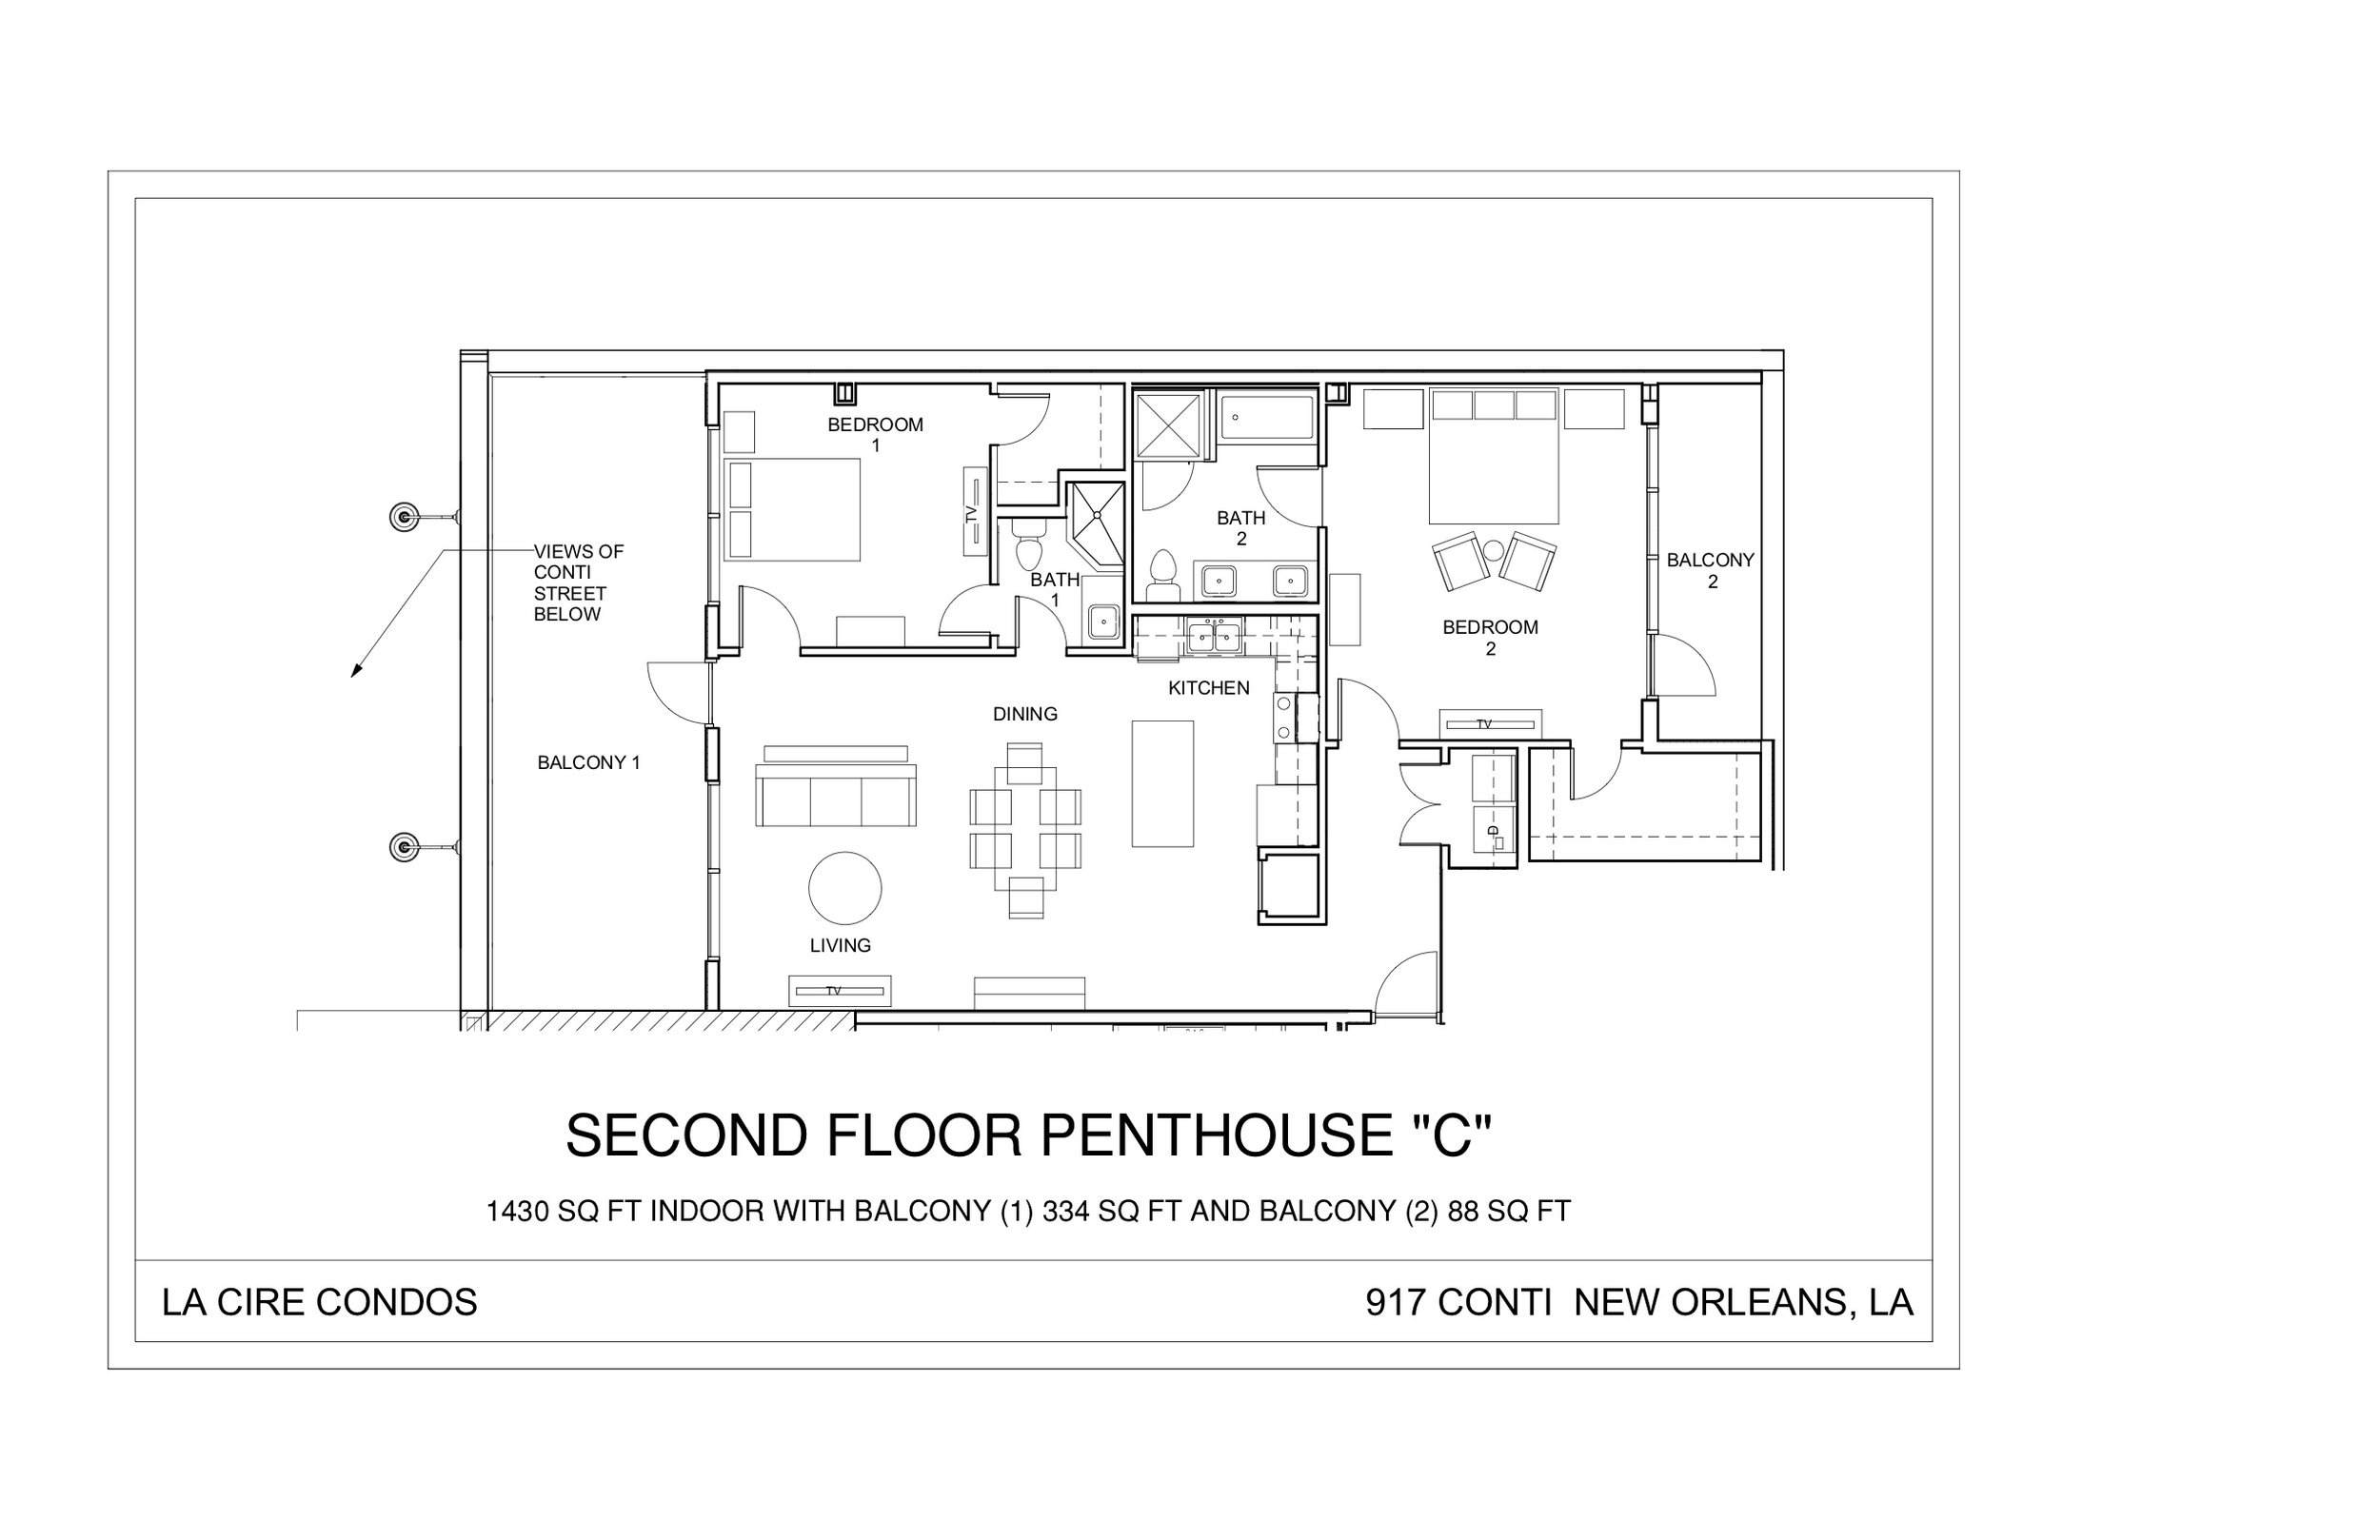 Click to enlarge floor plan